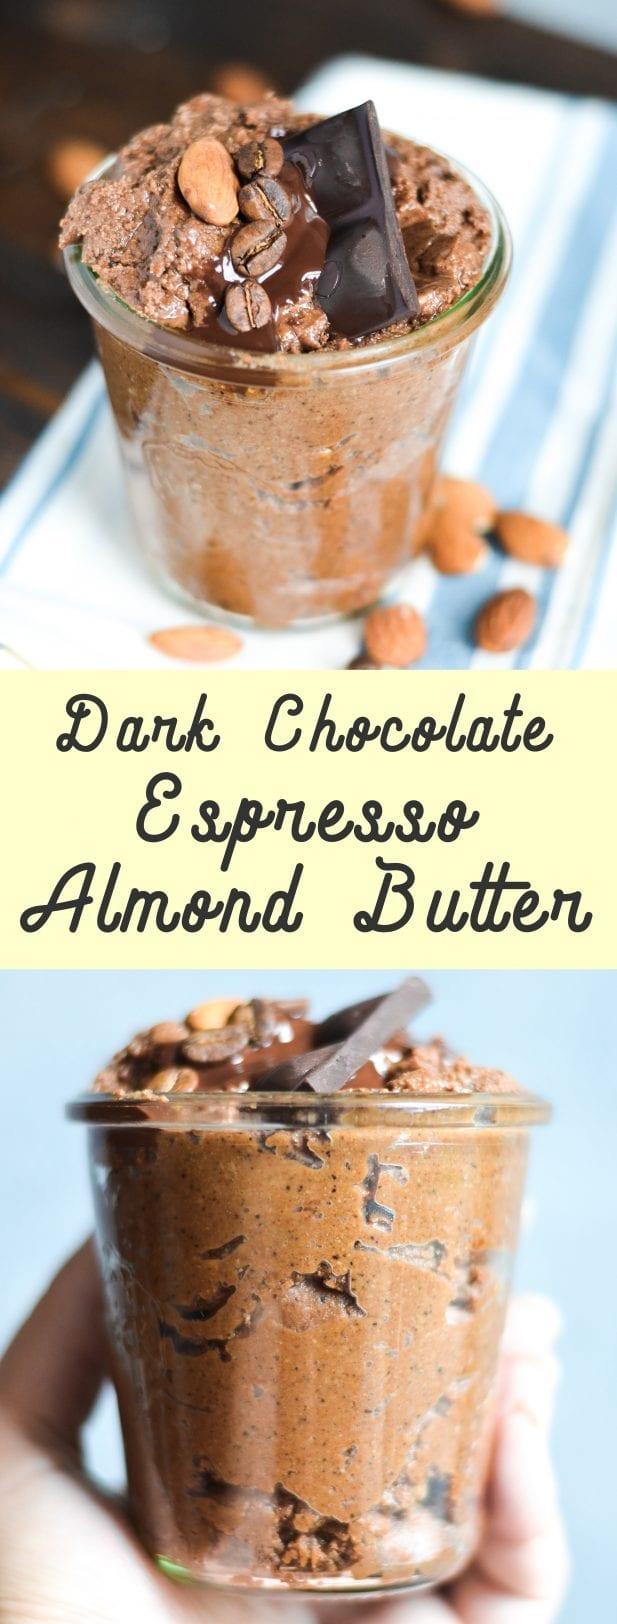 Dark Chocolate Espresso Almond Butter